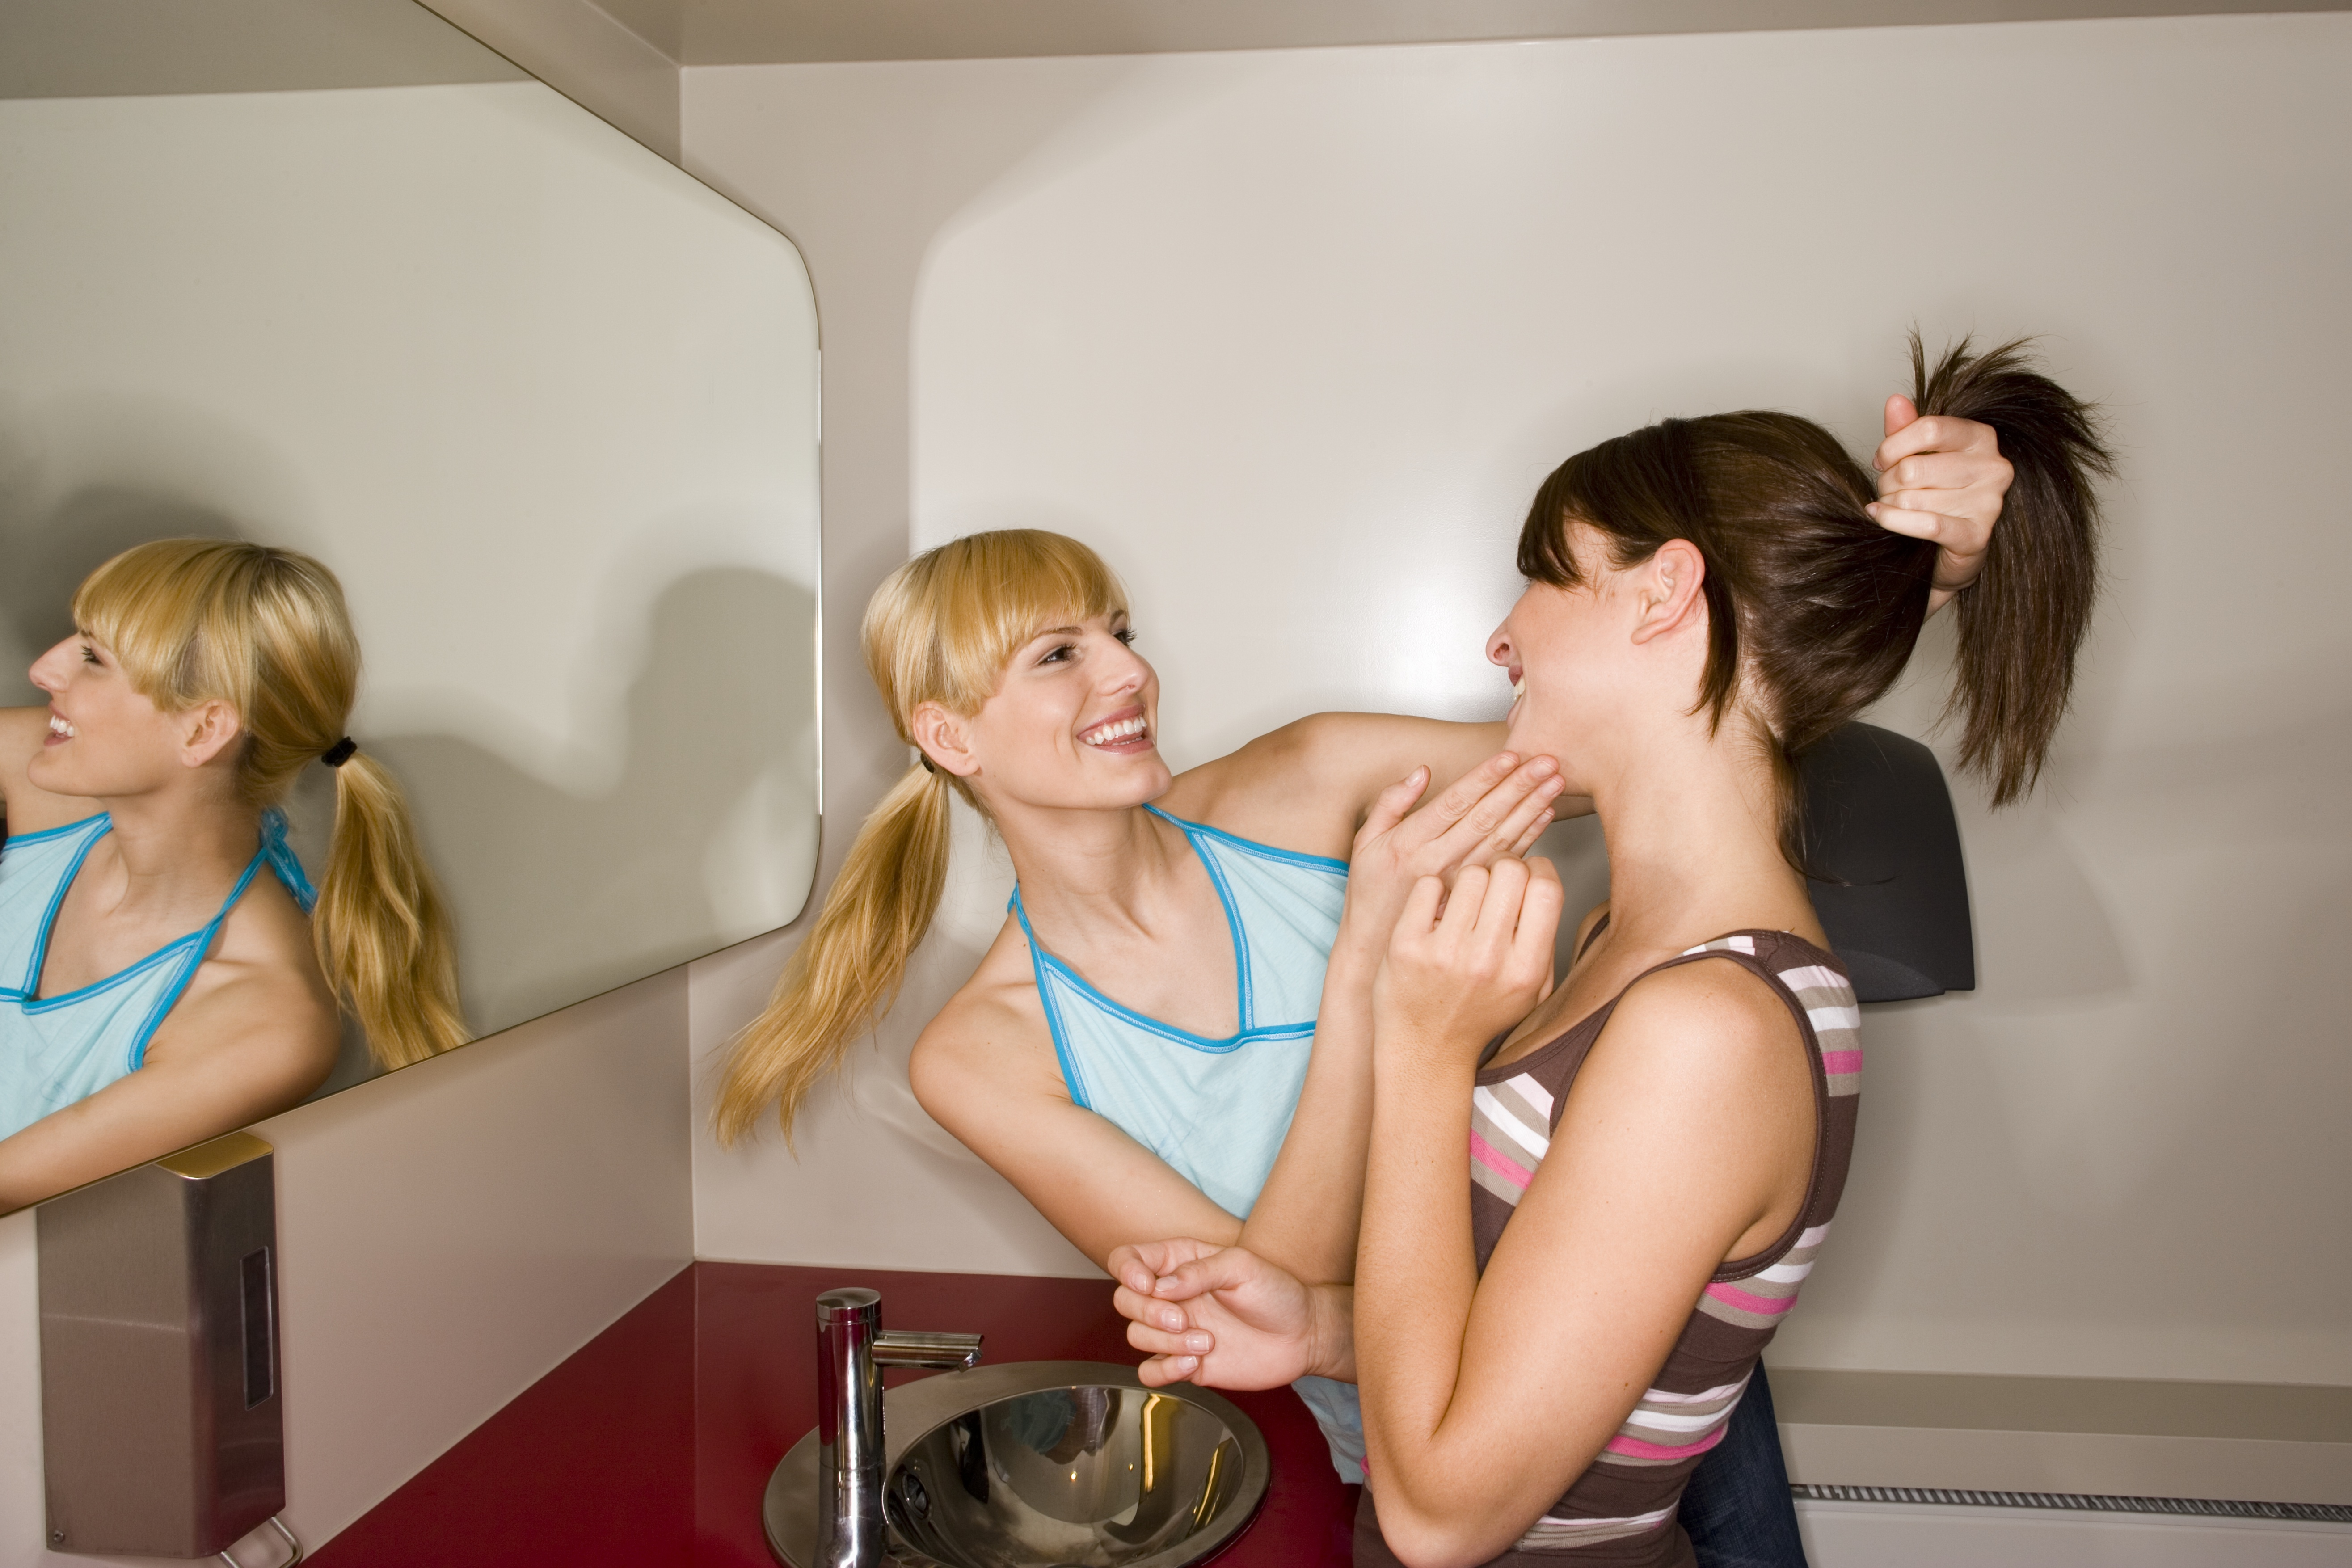 Woman fixing friend's hair in public restroom